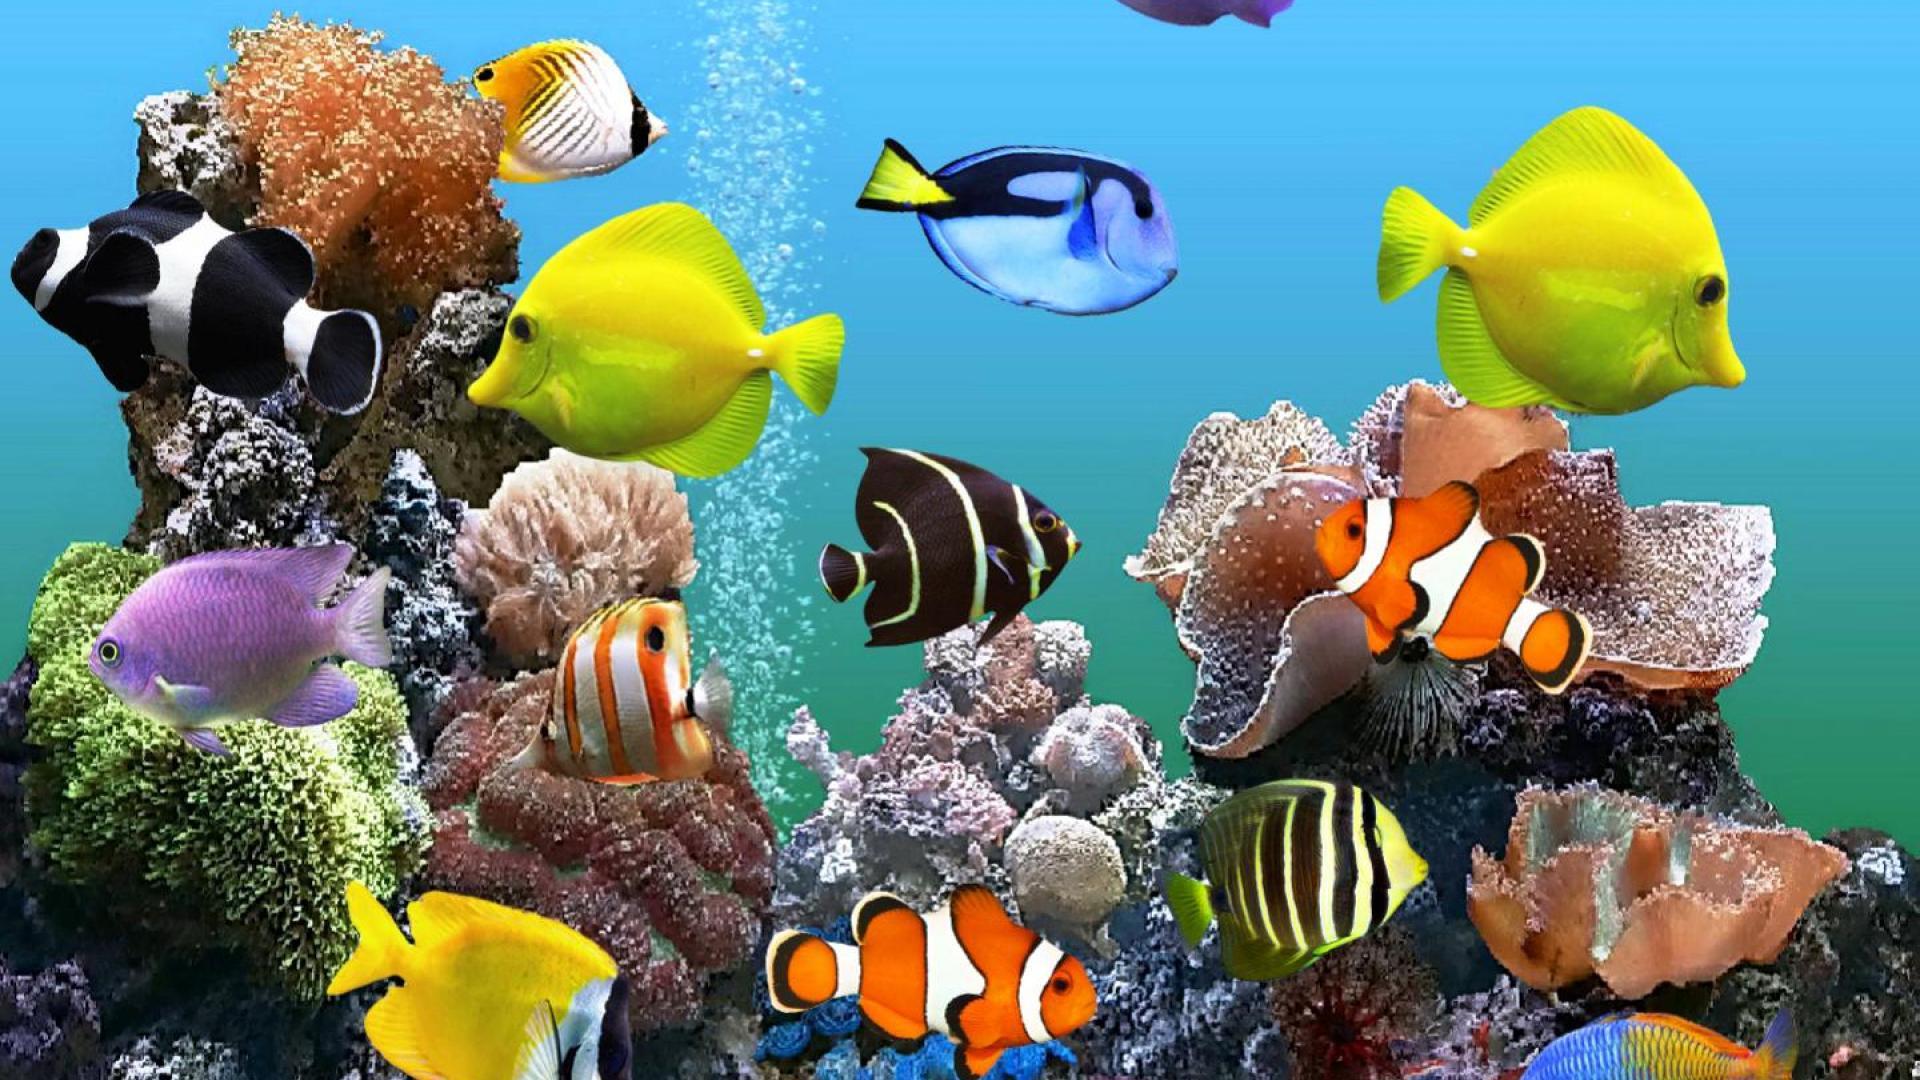 Fish Aquarium Desktop Wallpaper